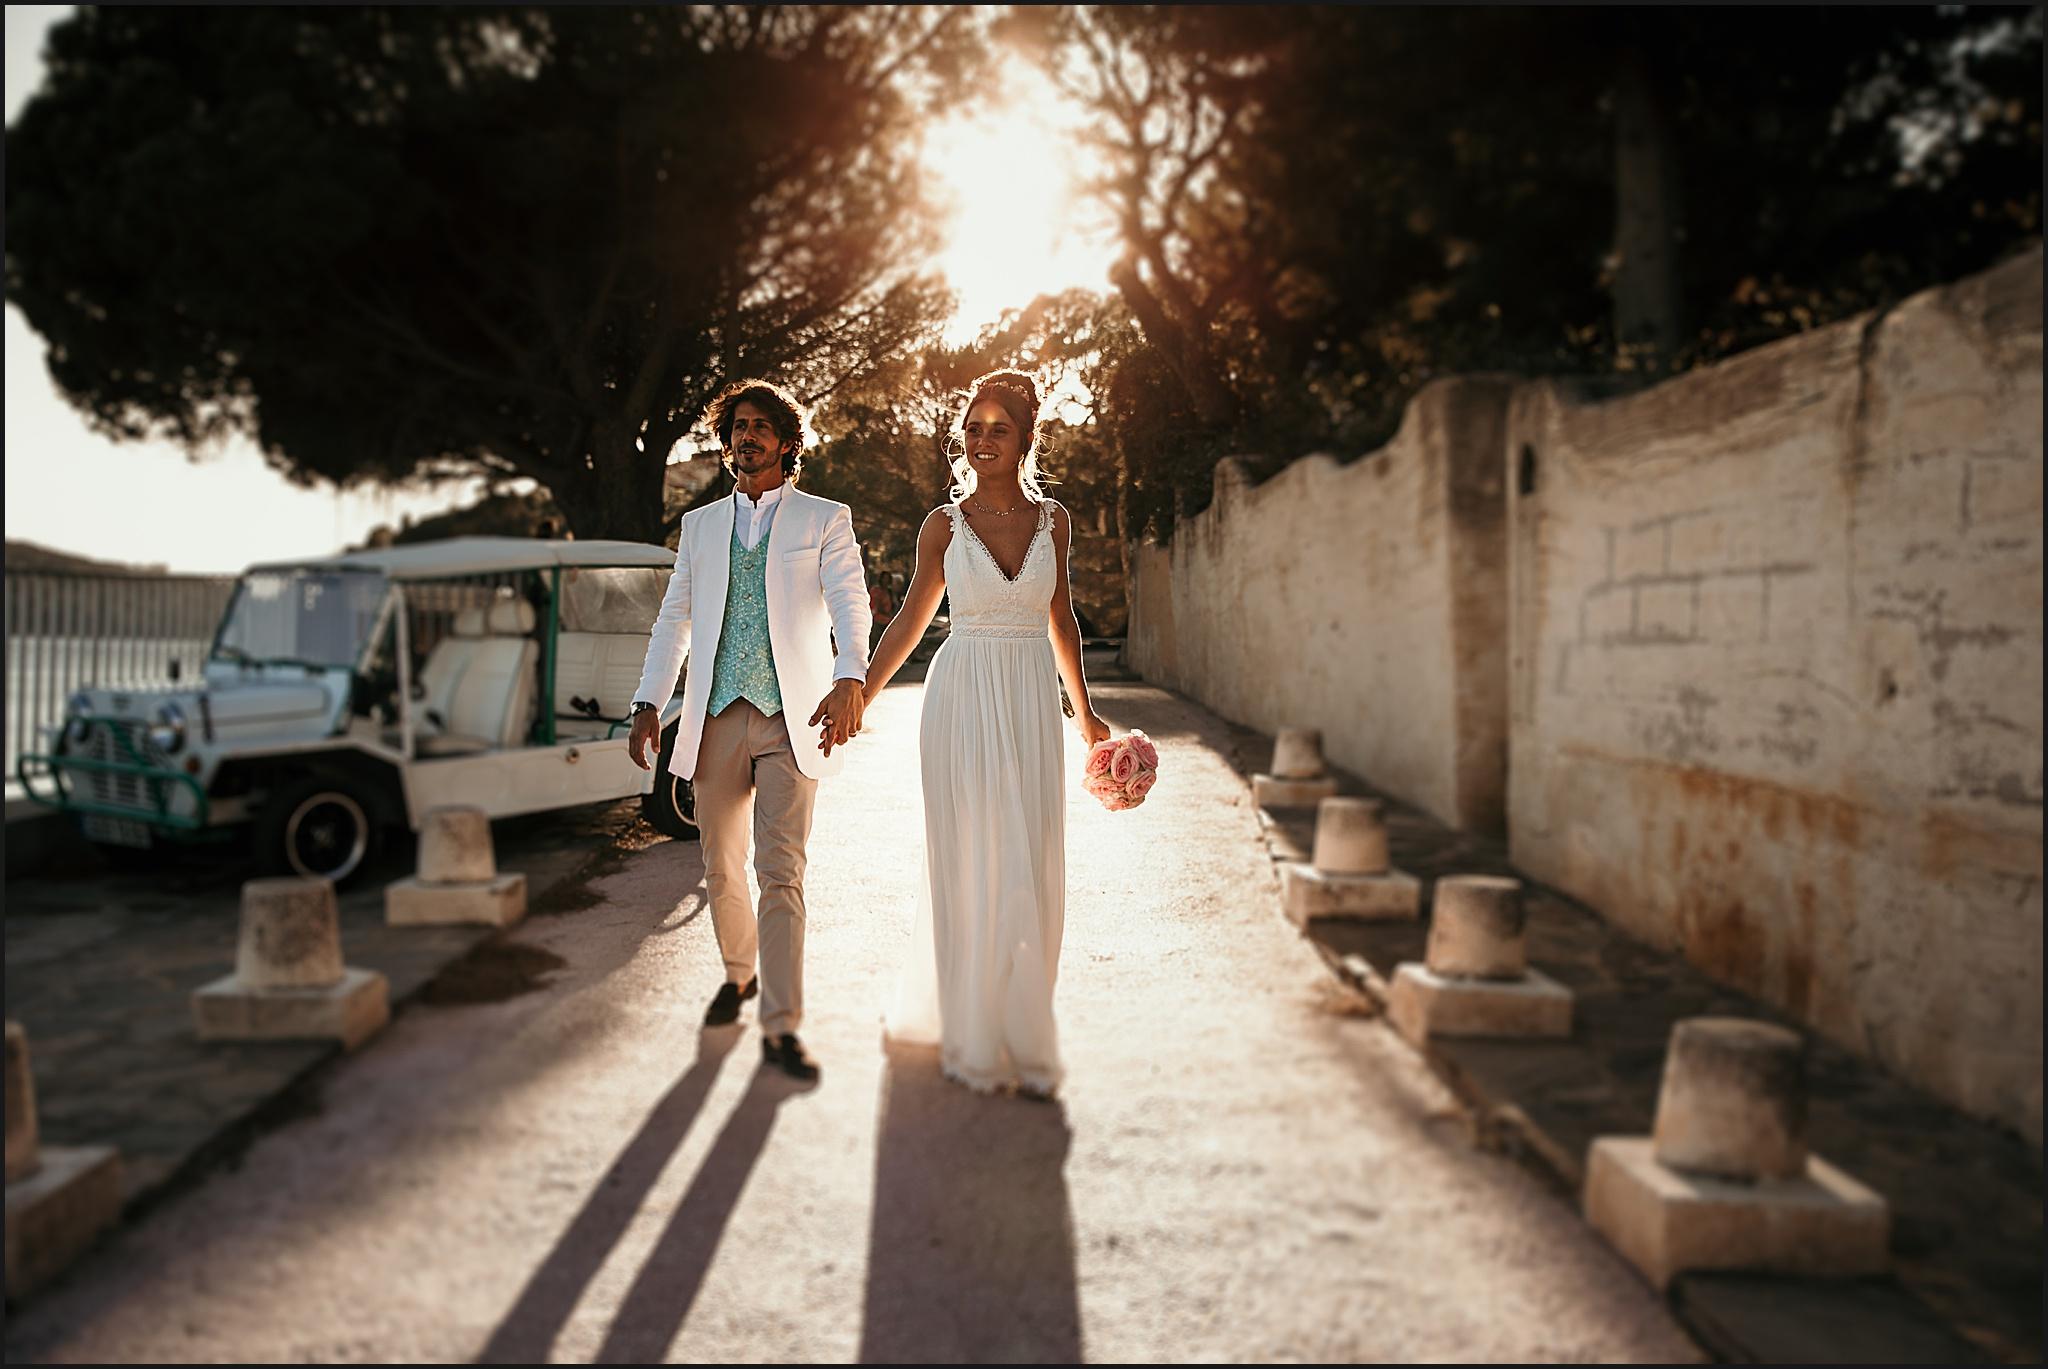 Photographe-Paris-Mariage arrivée des mariés au coucher de soleil